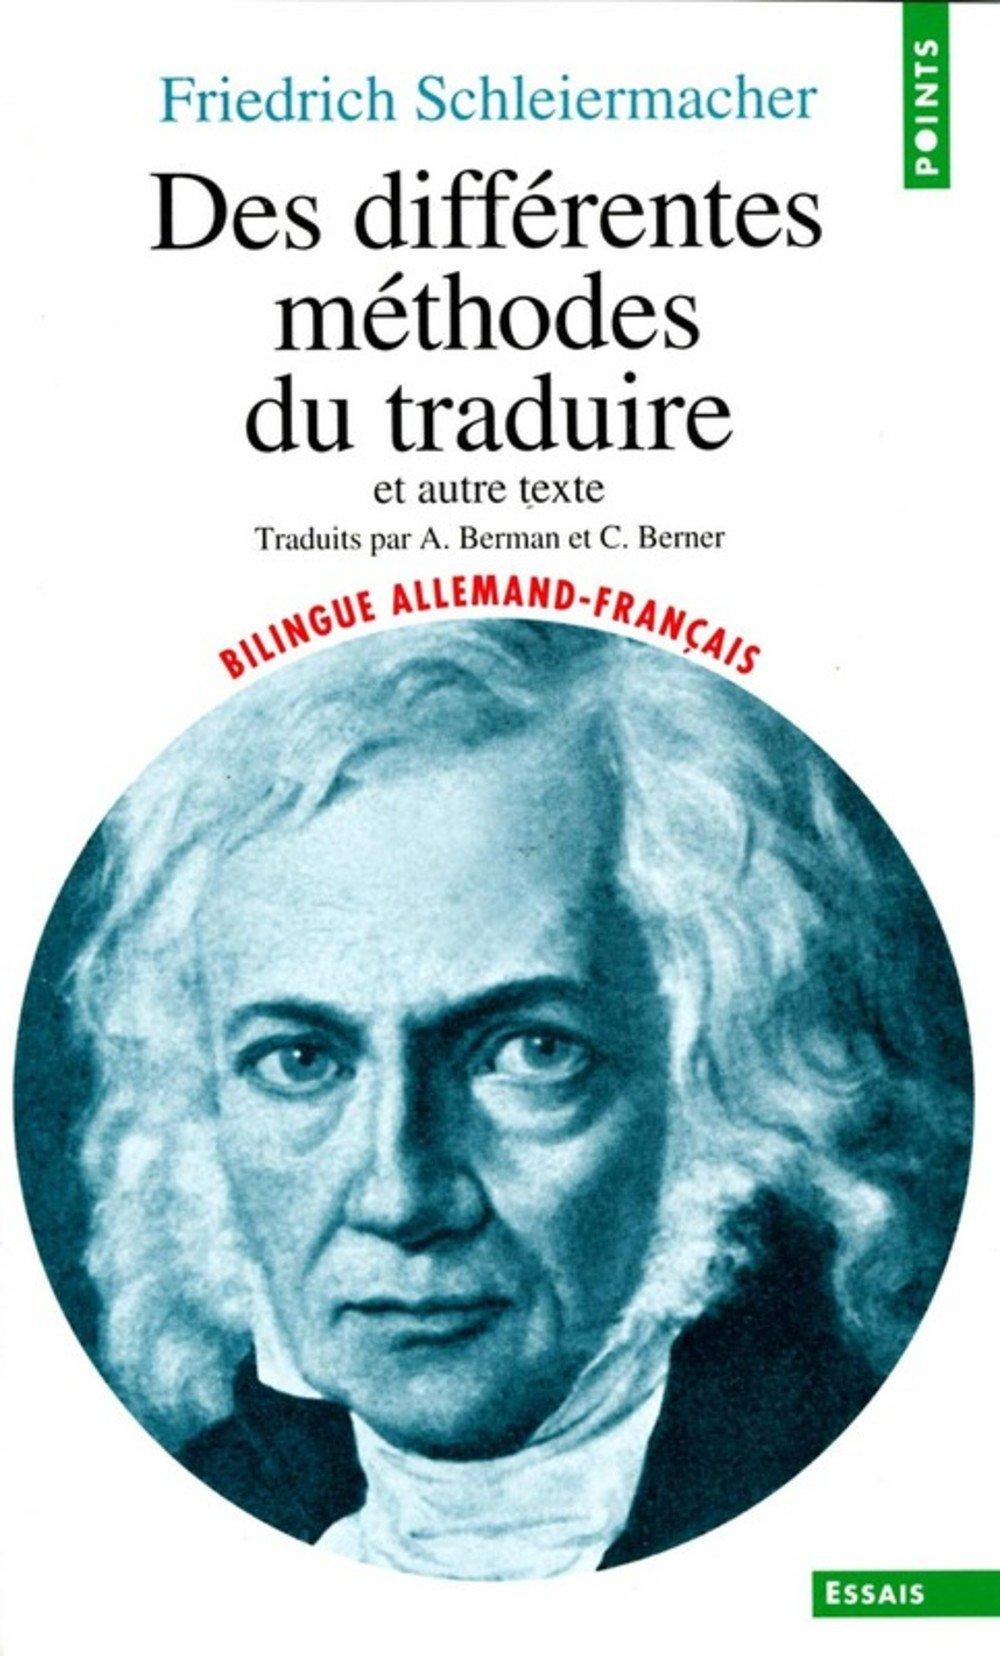 Des différentes méthodes de traduire et autre texte Poche – 3 novembre 1999 Friedrich Schleiermacher Seuil 202036395X Sciences Humaines